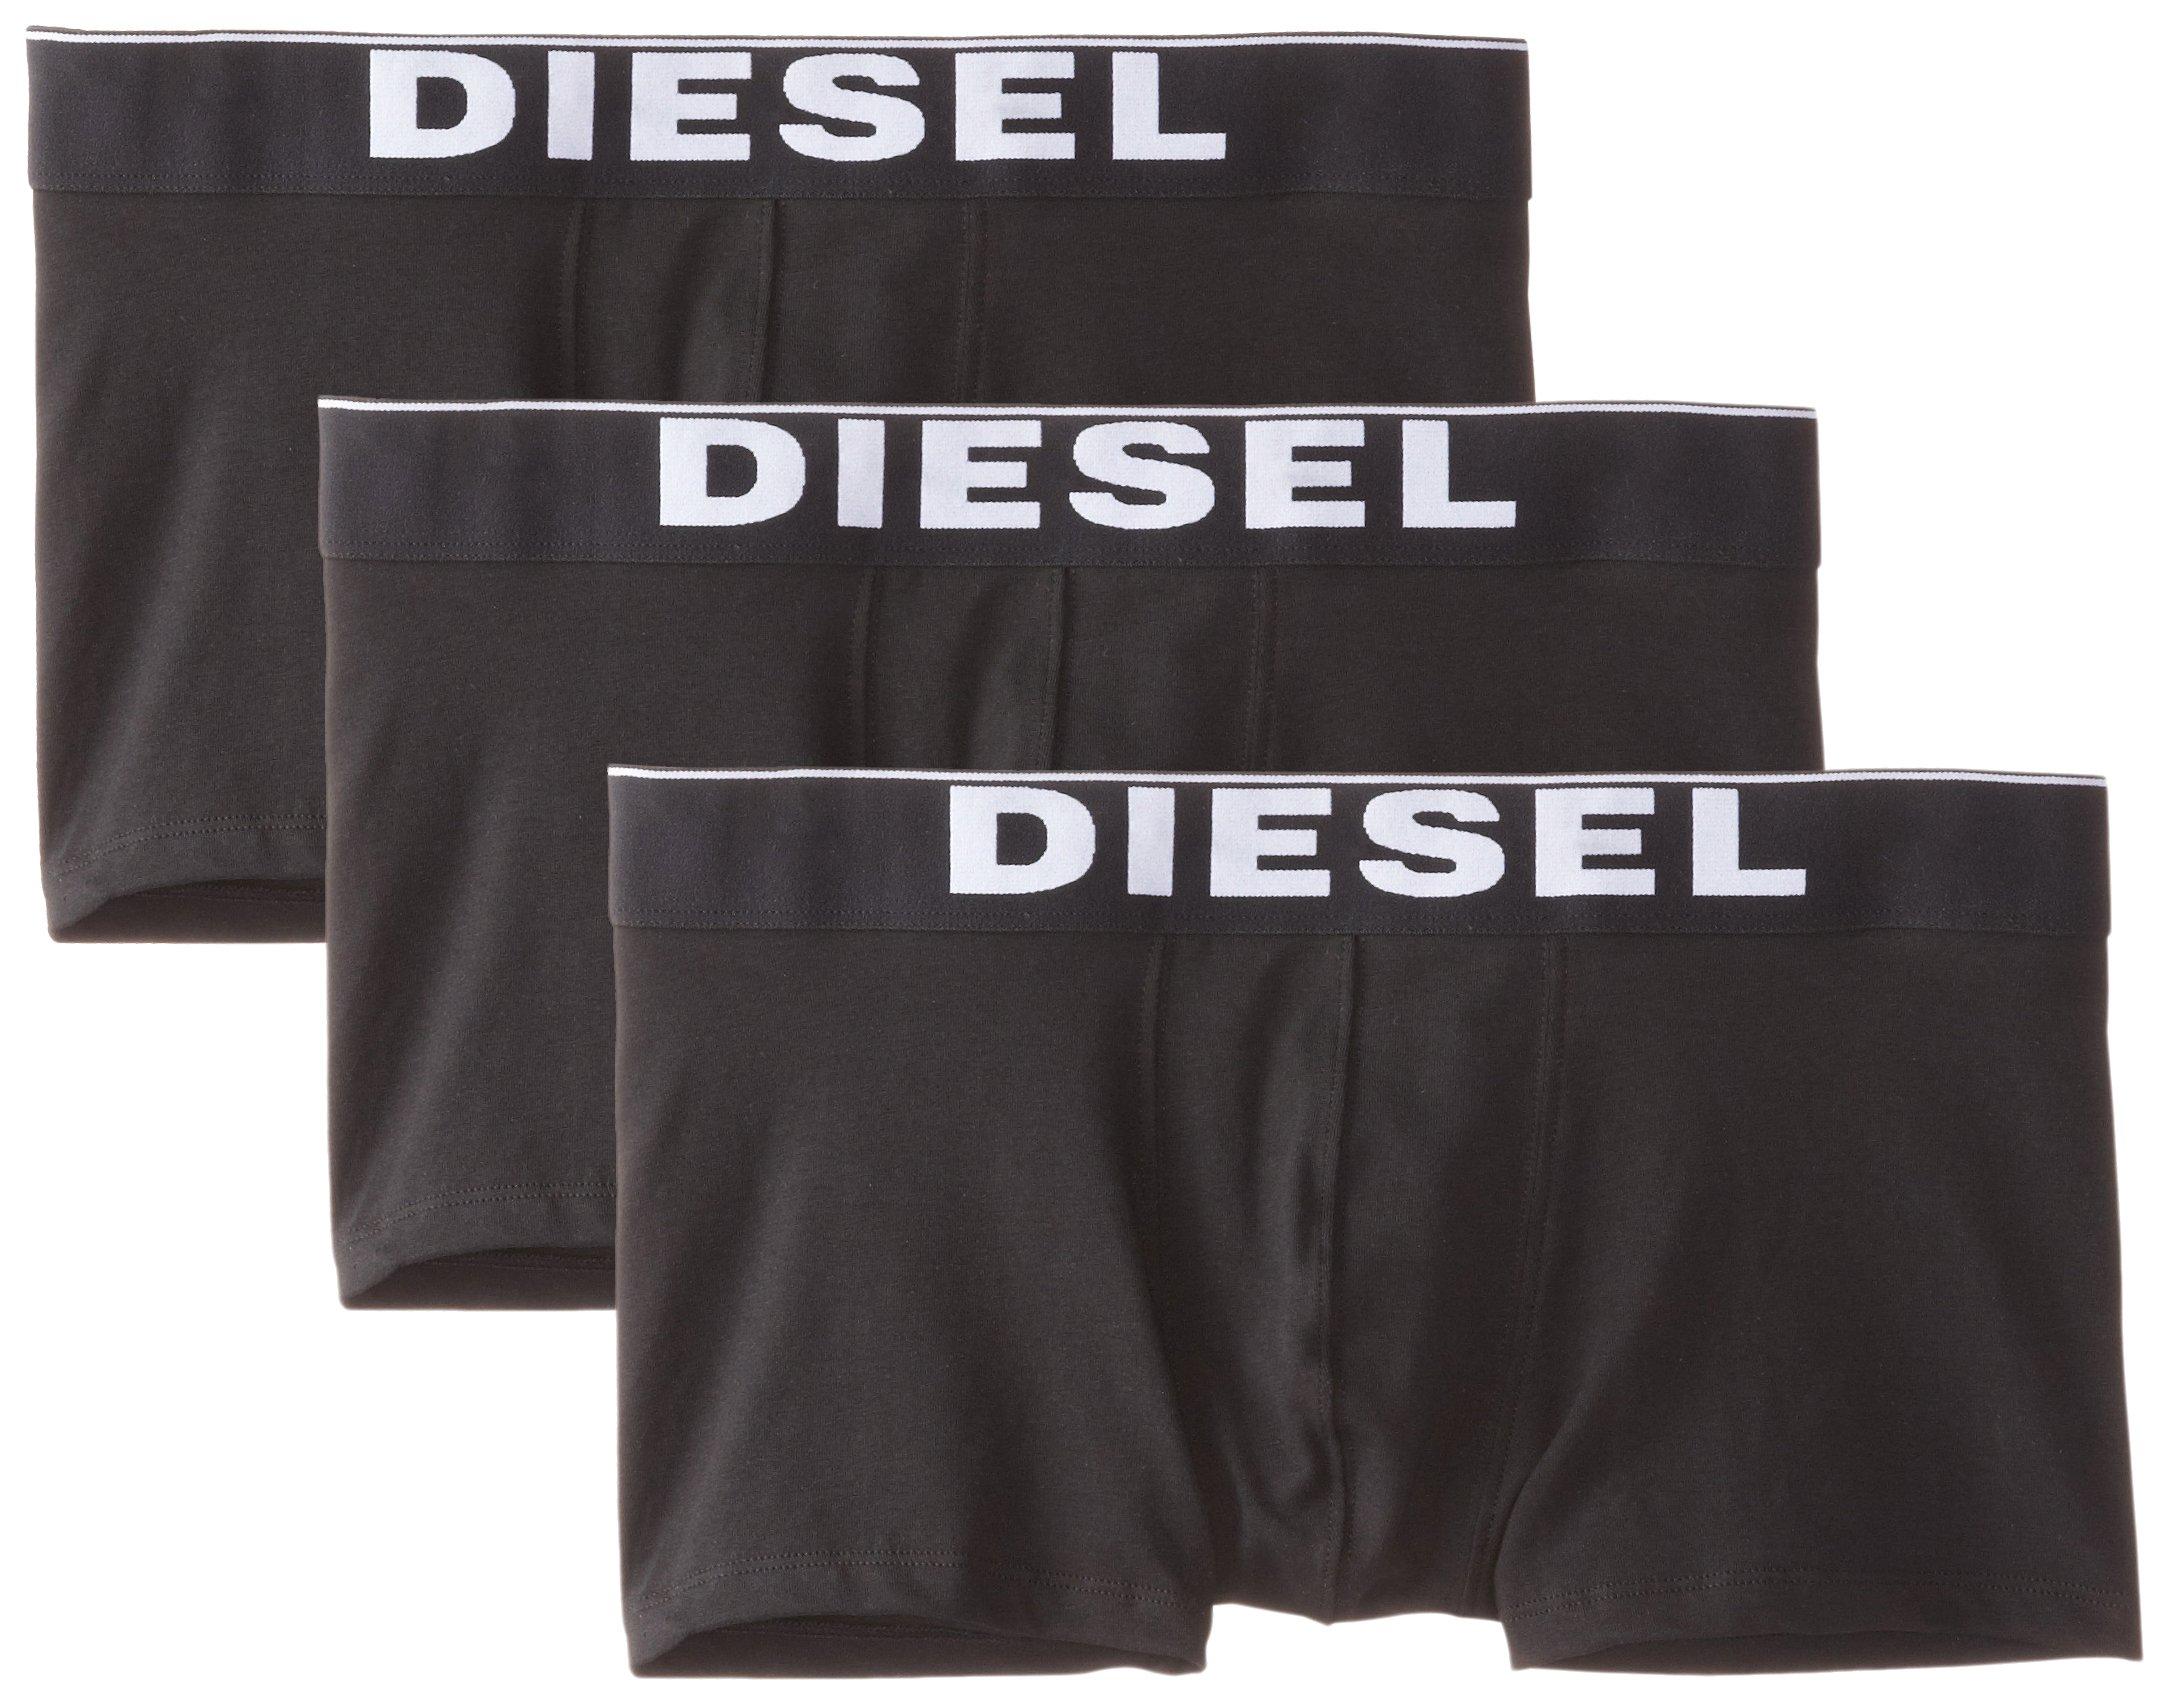 Diesel Men's Essentials 3-Pack Kory Boxer Trunk,New Black,M by Diesel